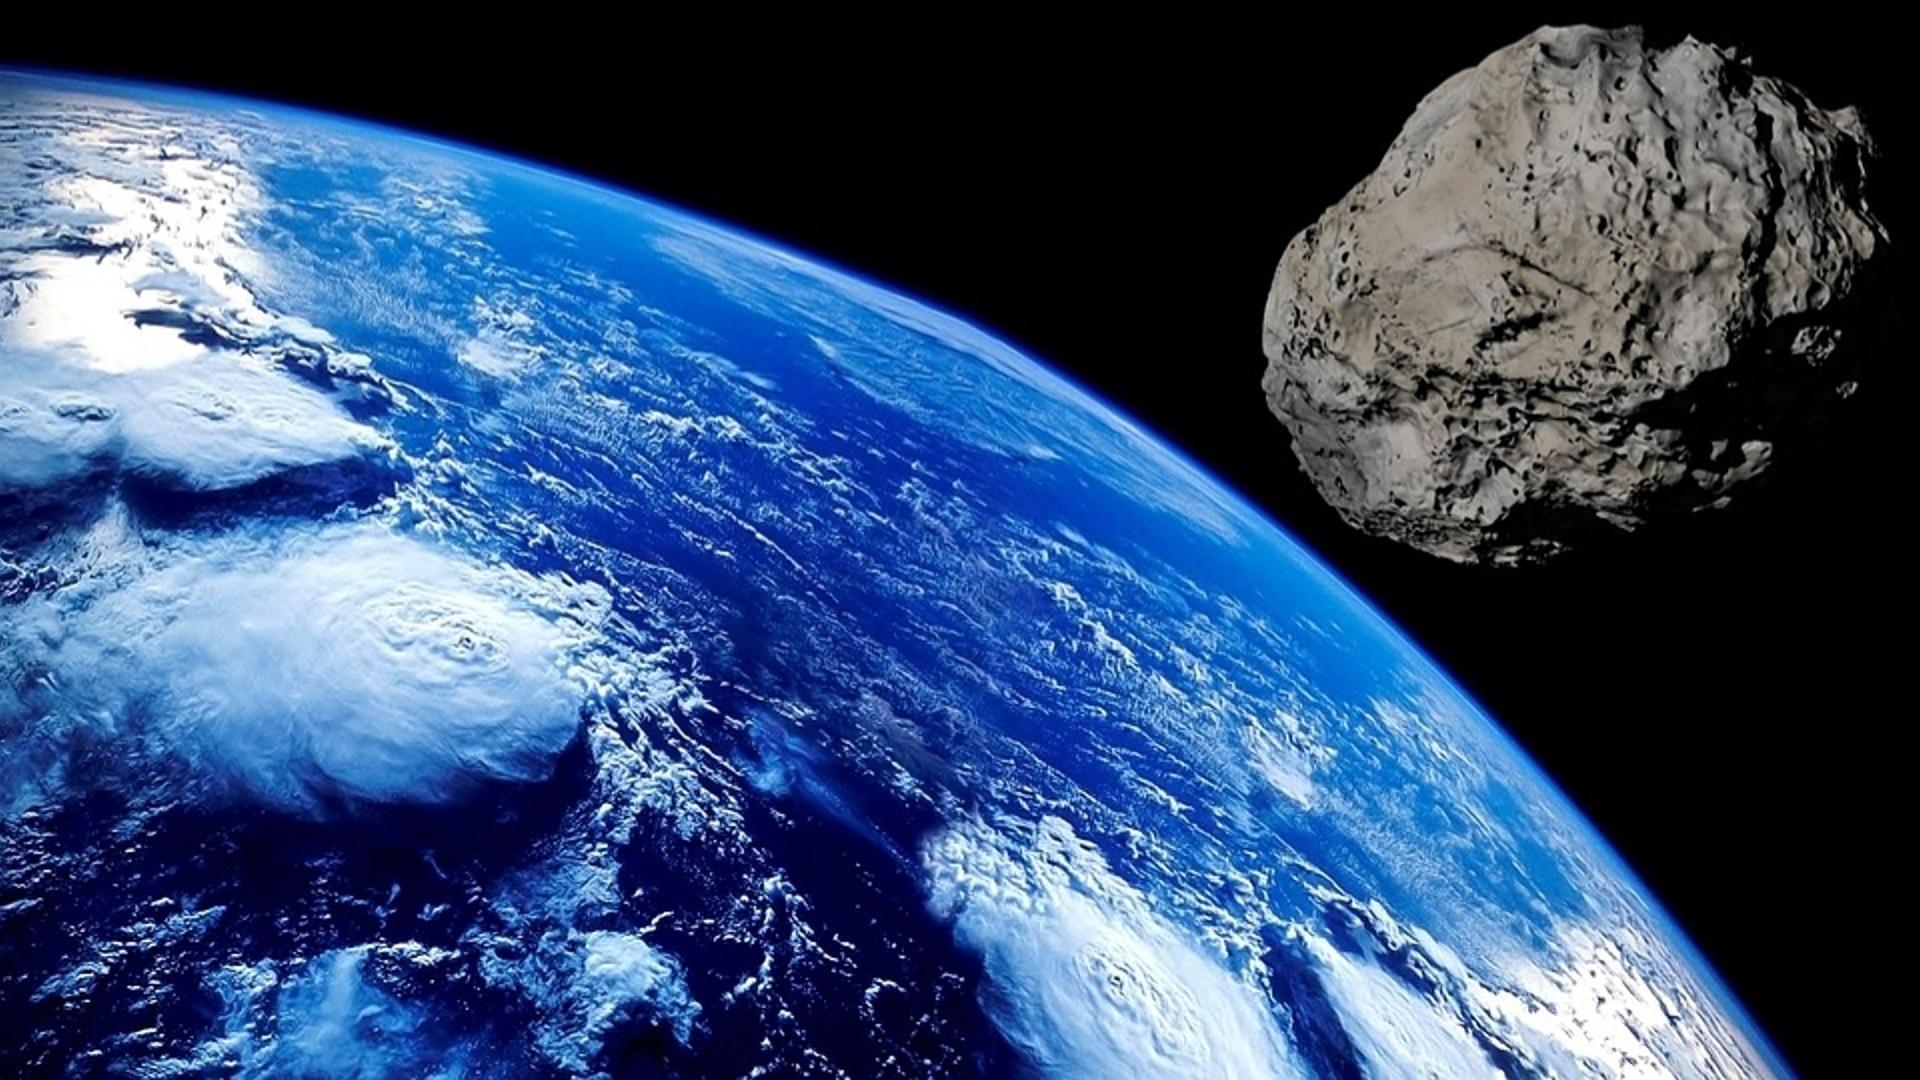 Amerikalı alimlər asteroiddə təhlükəli fenomen aşkarlayıblar